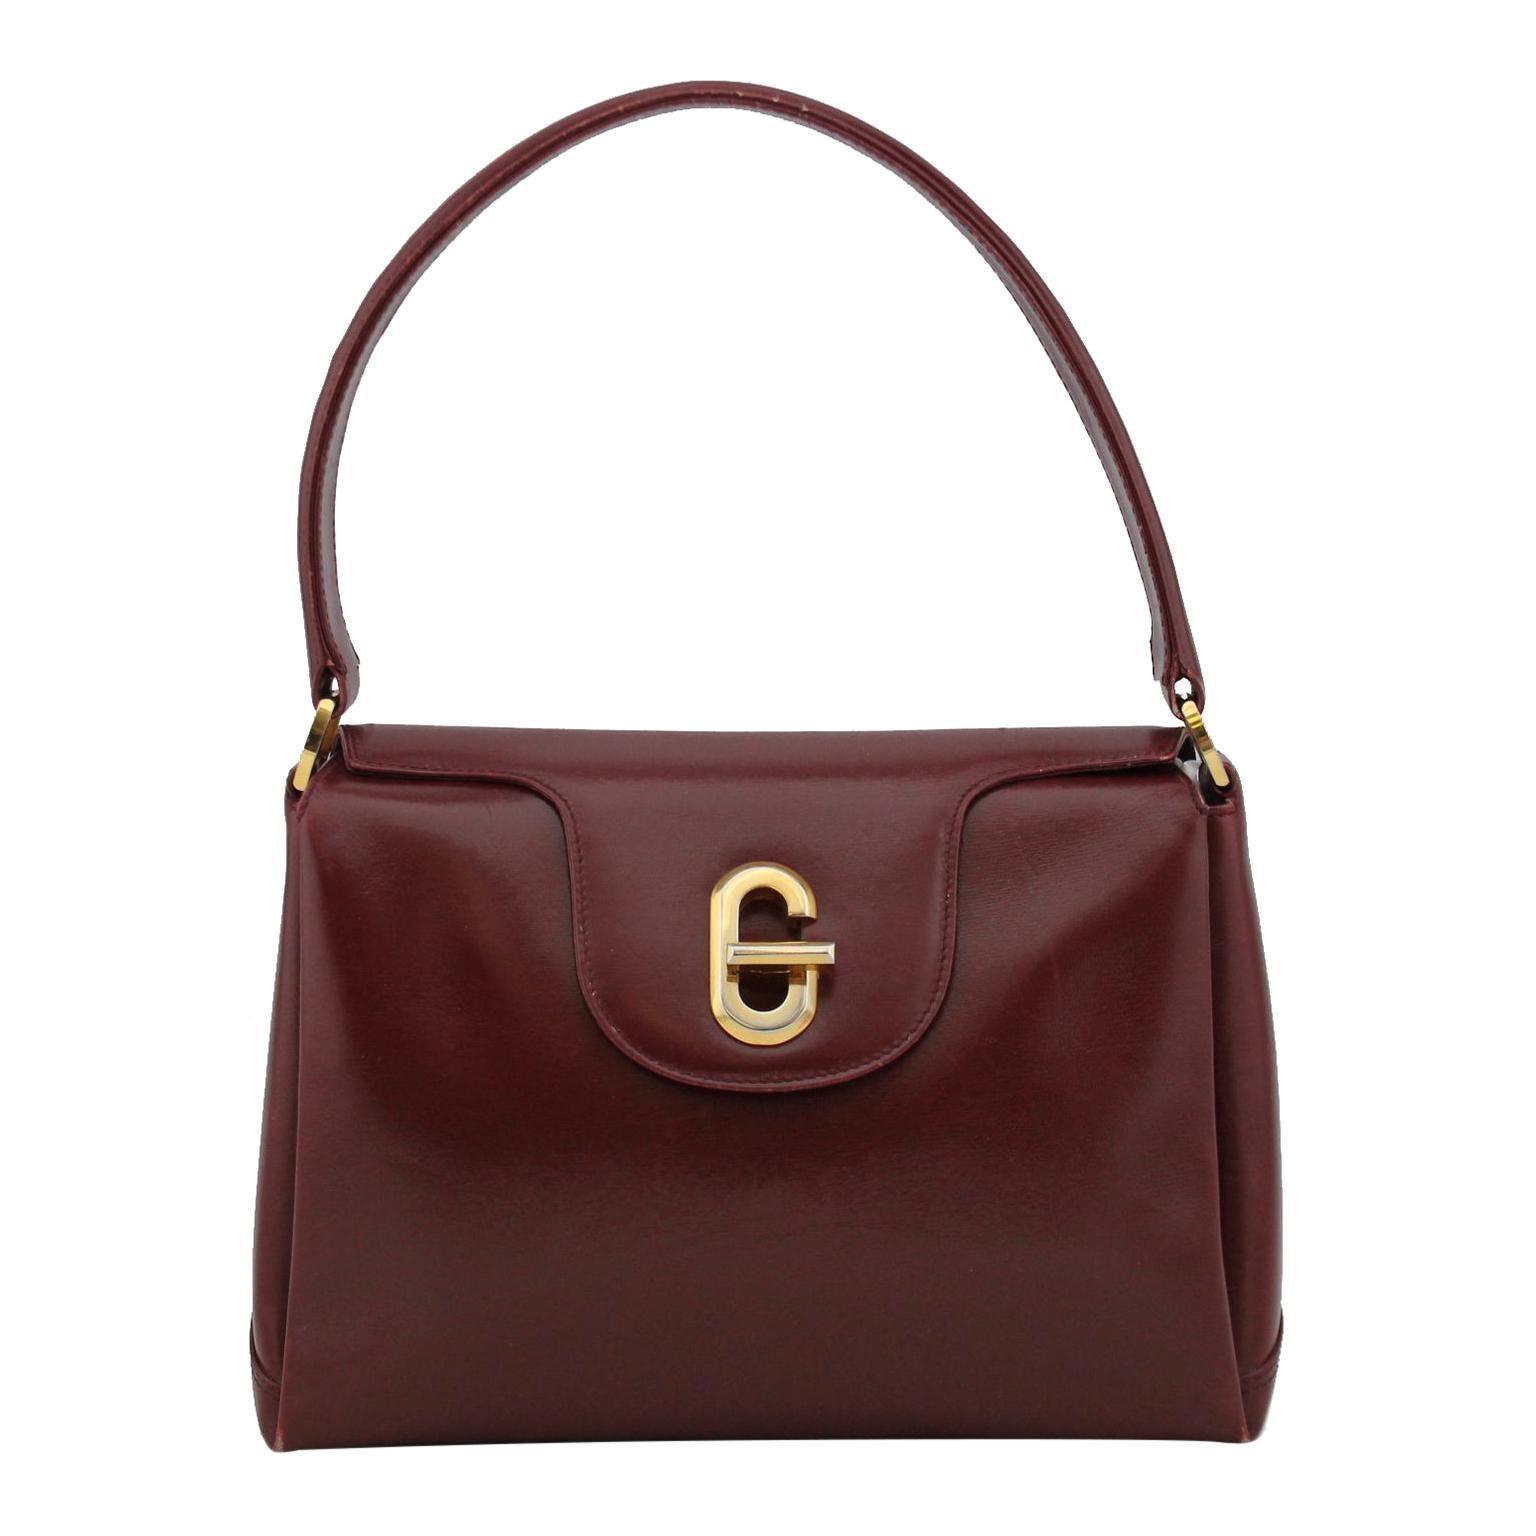 1970s Gucci Bordeaux Leather Top Handle Bag